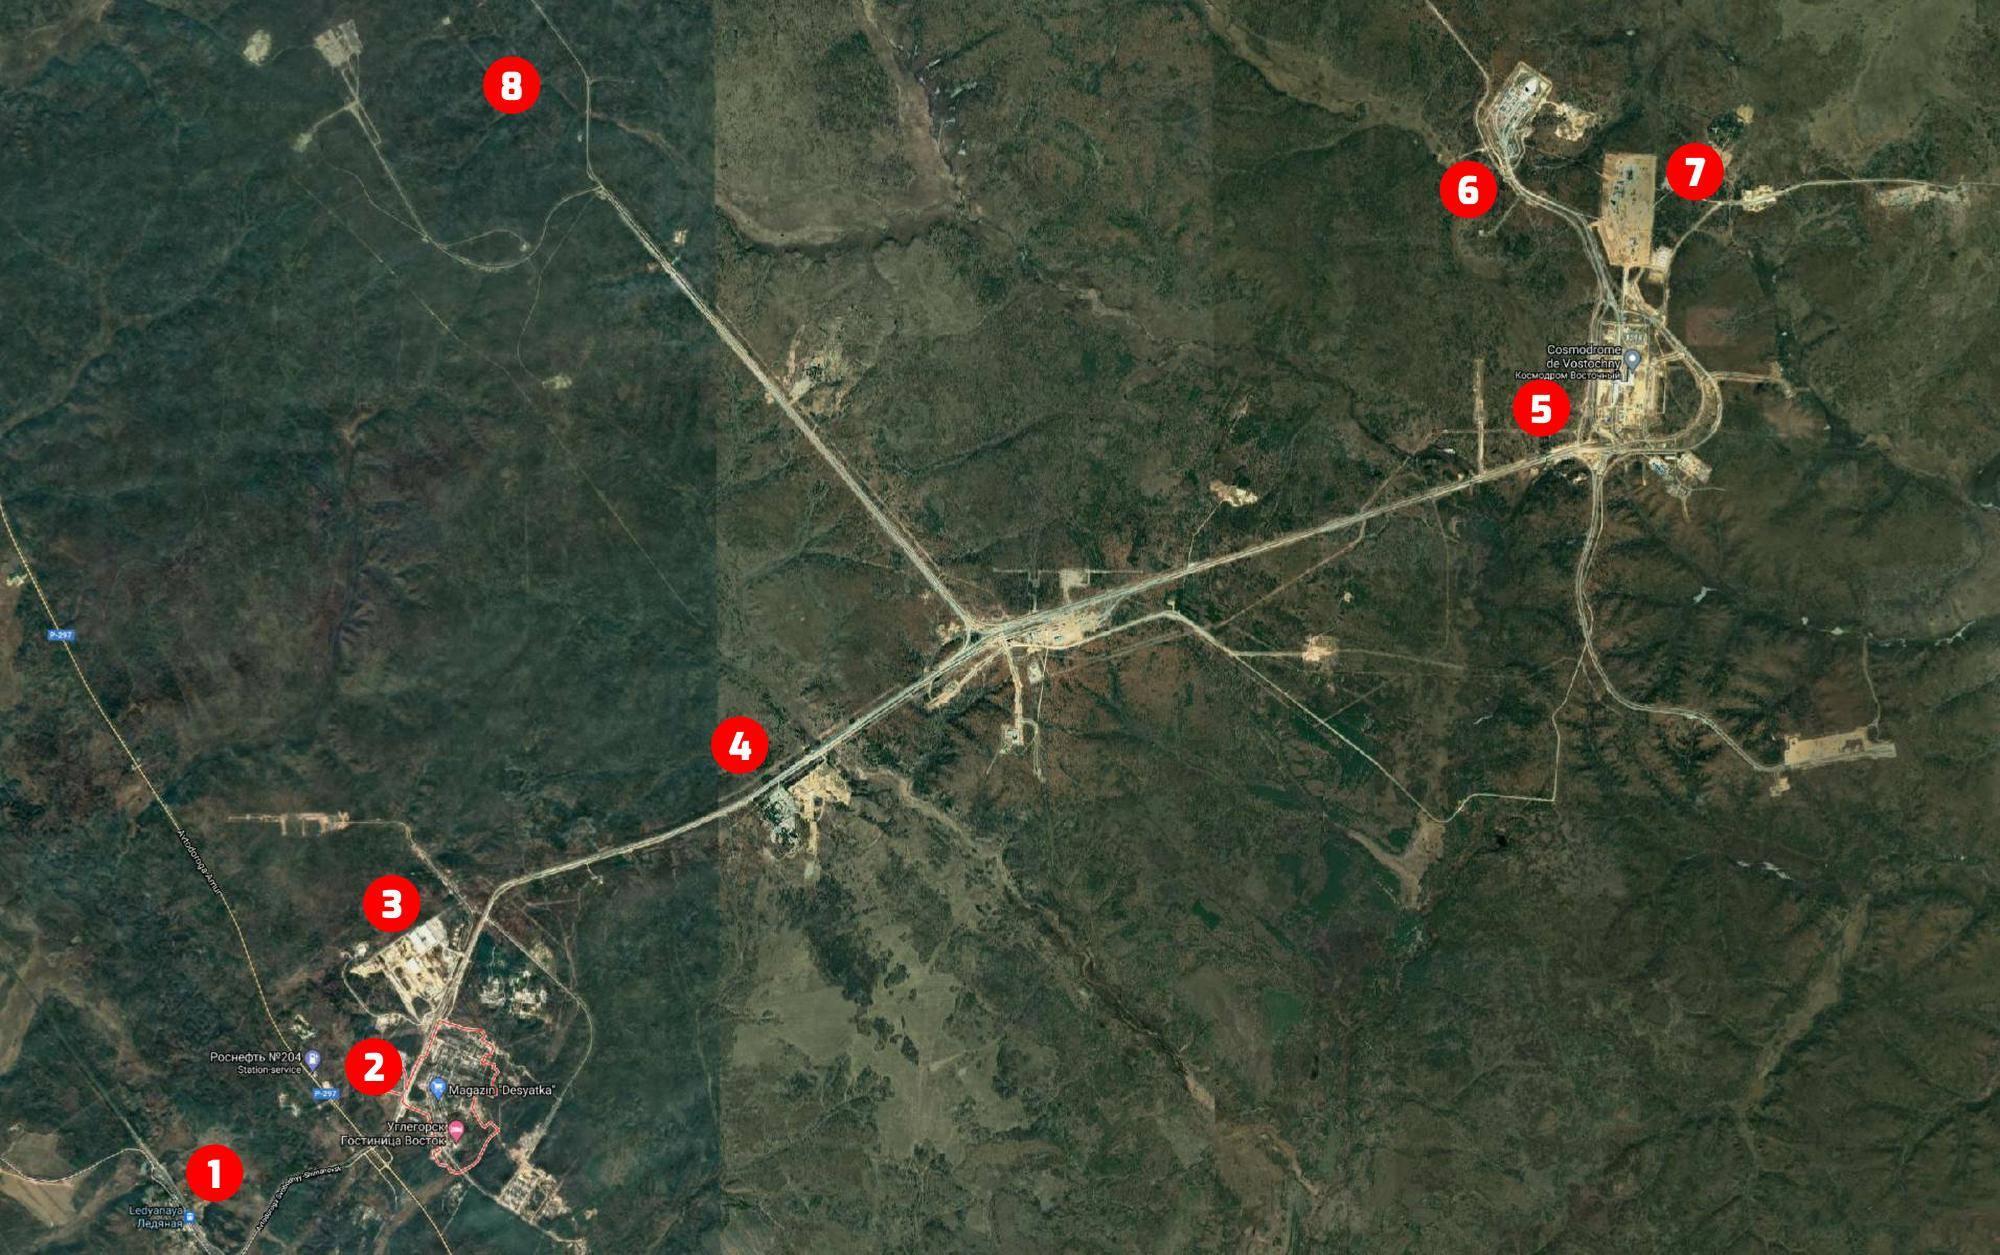 La carte (GoogleMaps et Kosmosnews.fr) de la zone du cosmodrome de Vostochny.